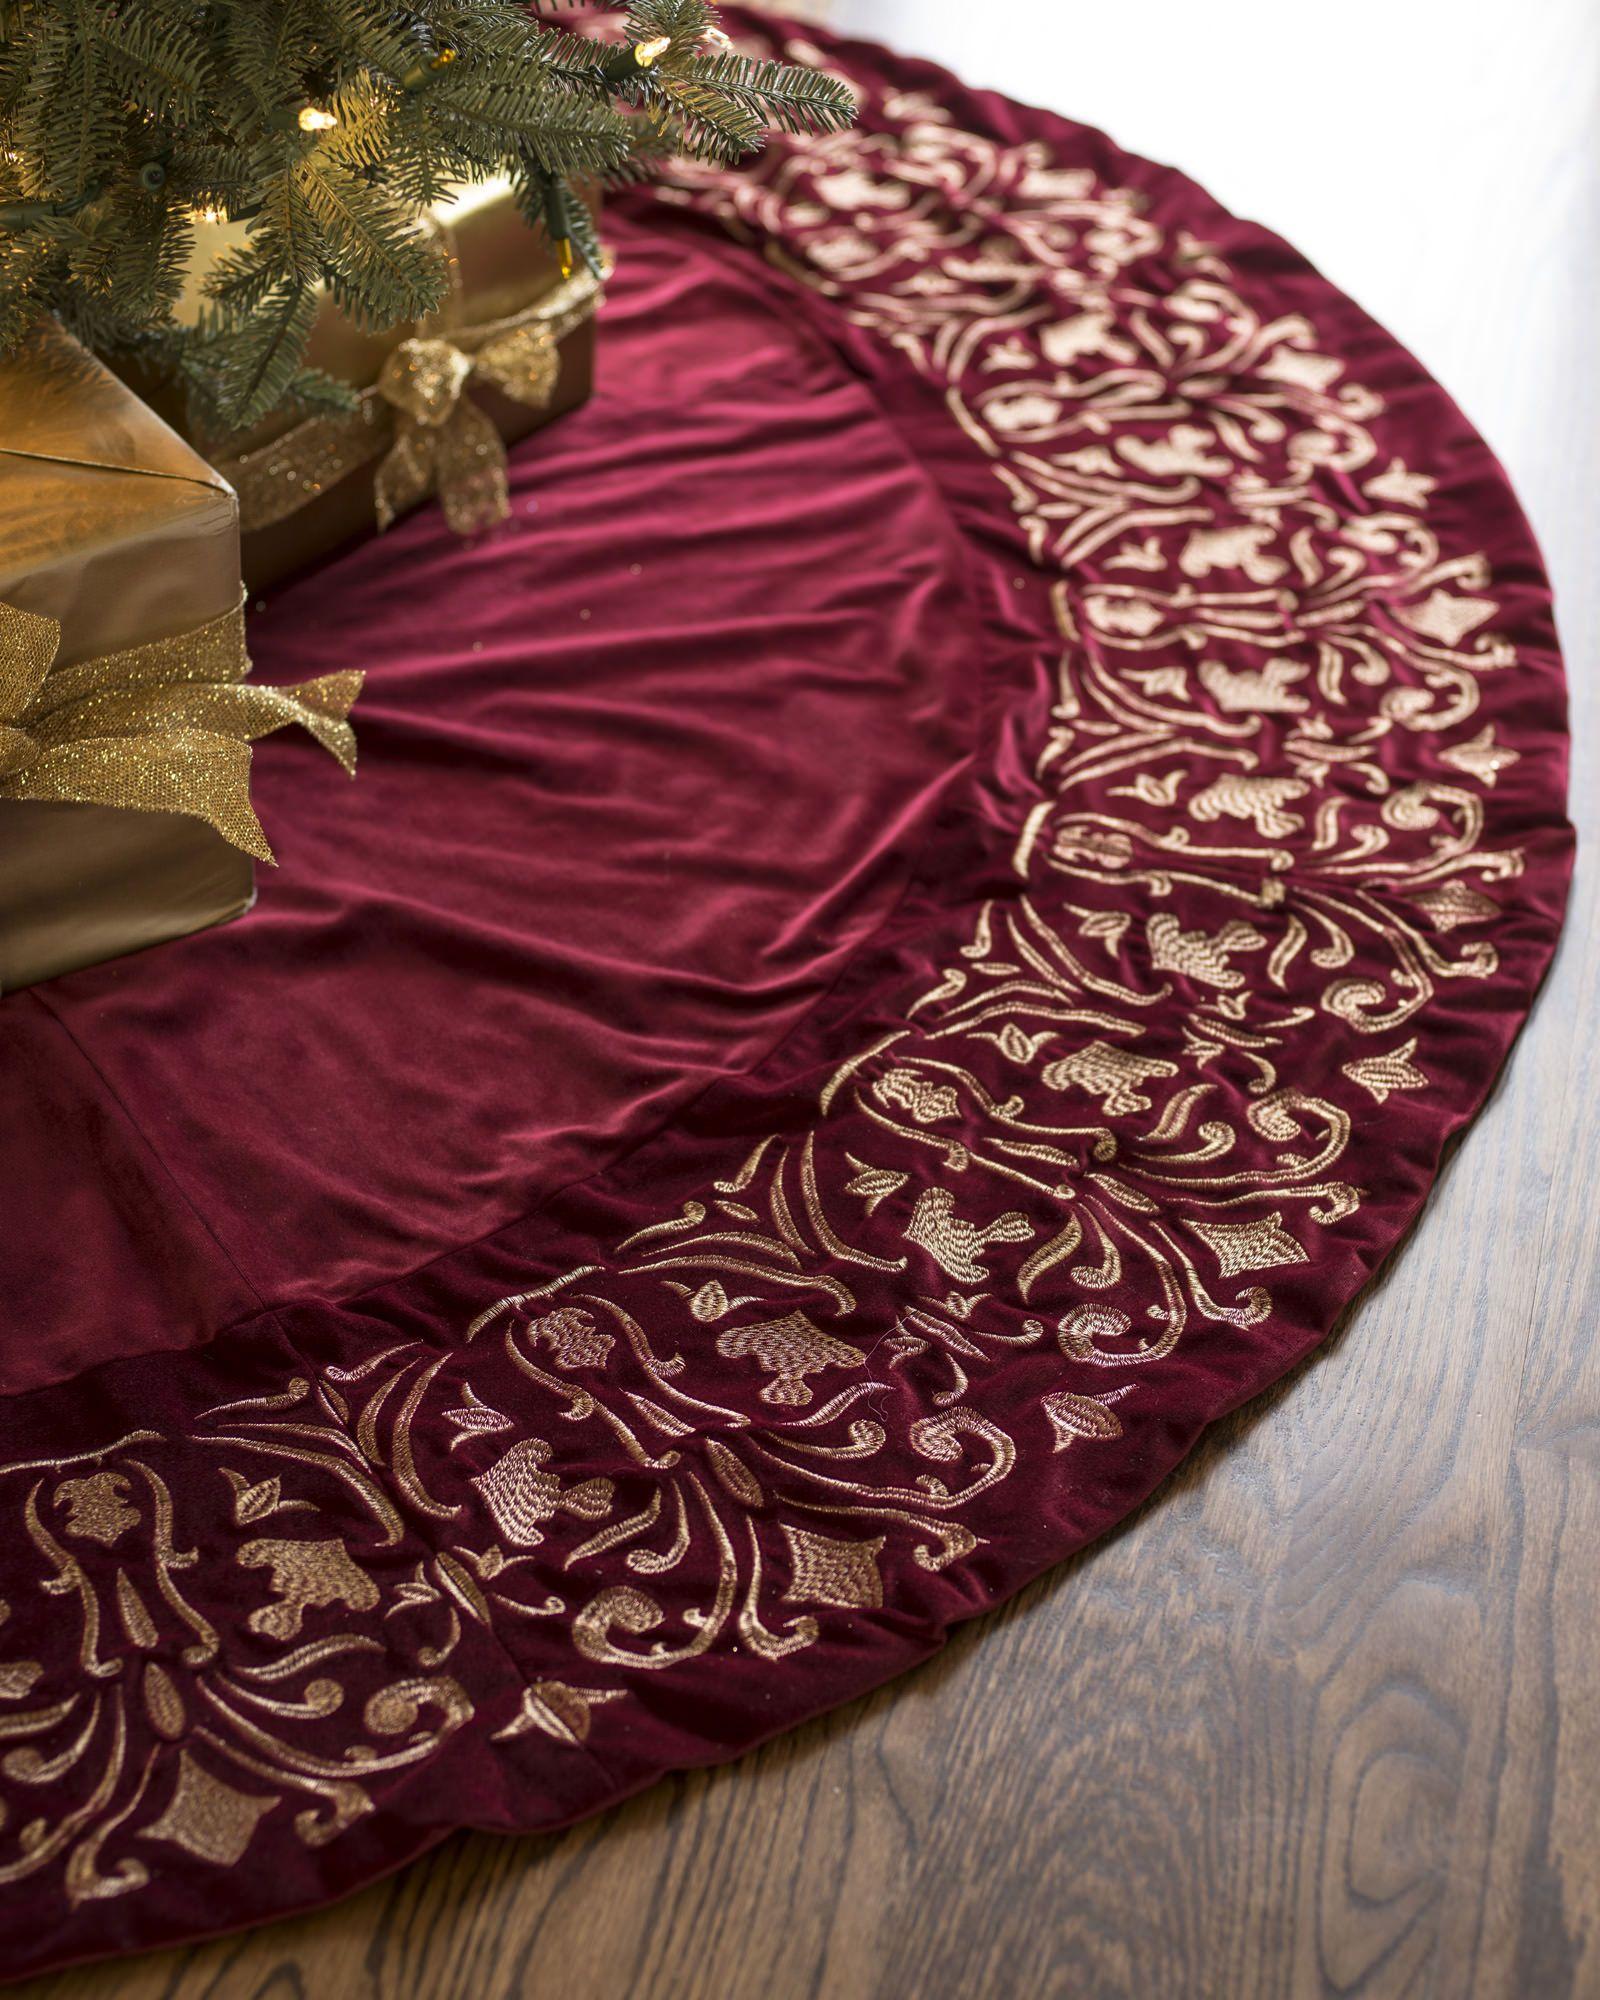 Luxe Embroidered Velvet Tree Skirt Elegant Christmas Trees Christmas Tree Skirt Xmas Tree Skirts